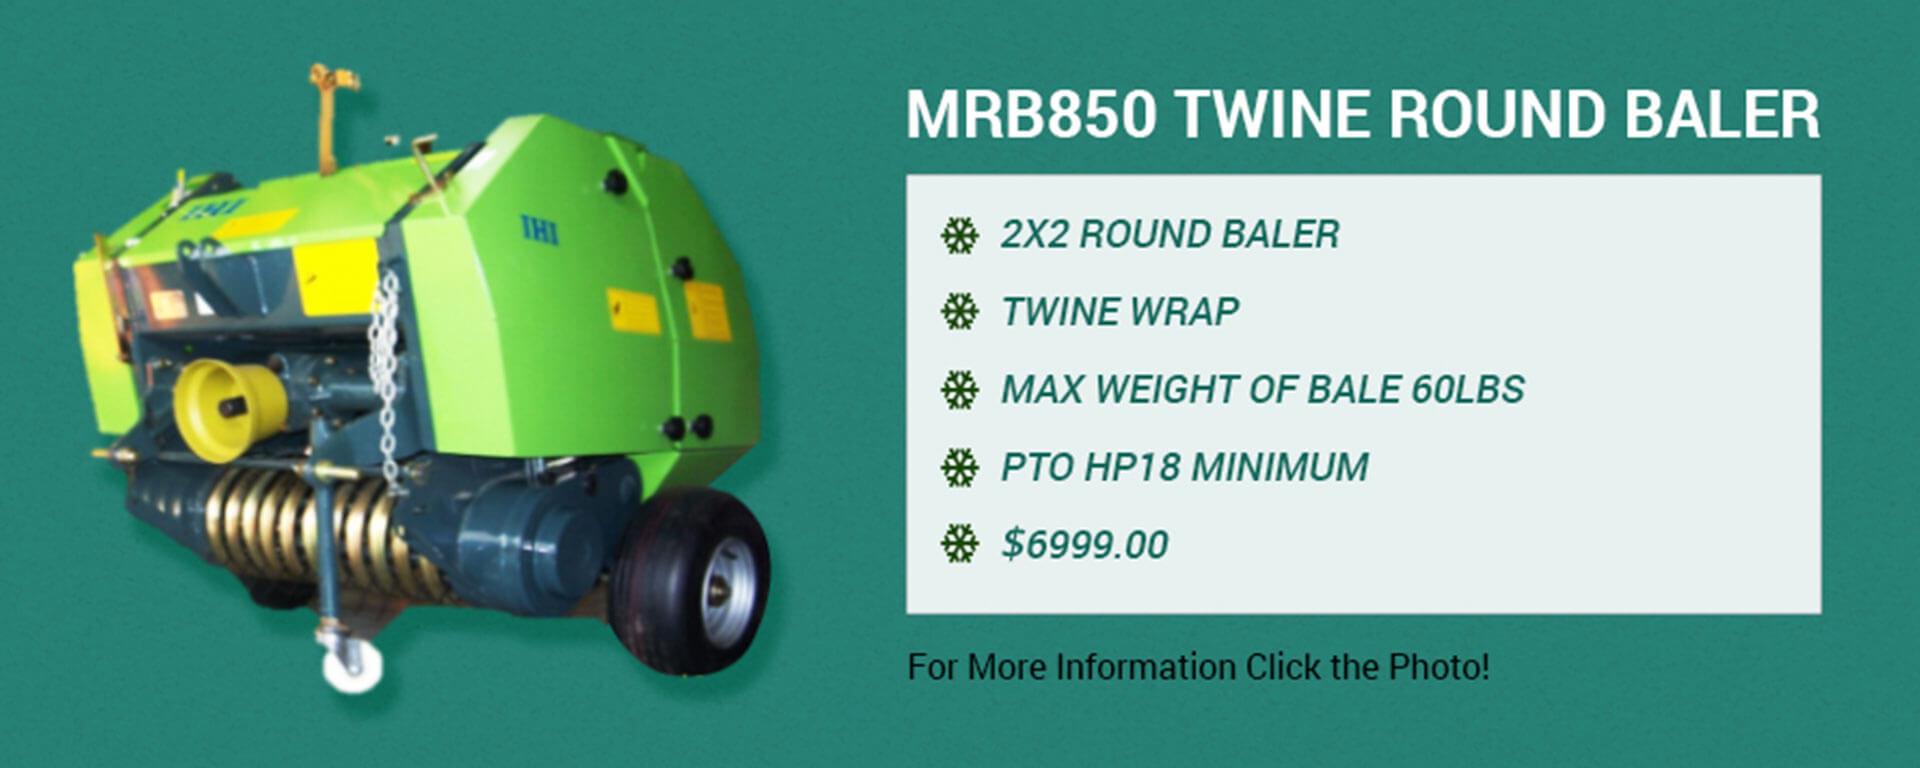 MRB850 Twine Round Baler banner